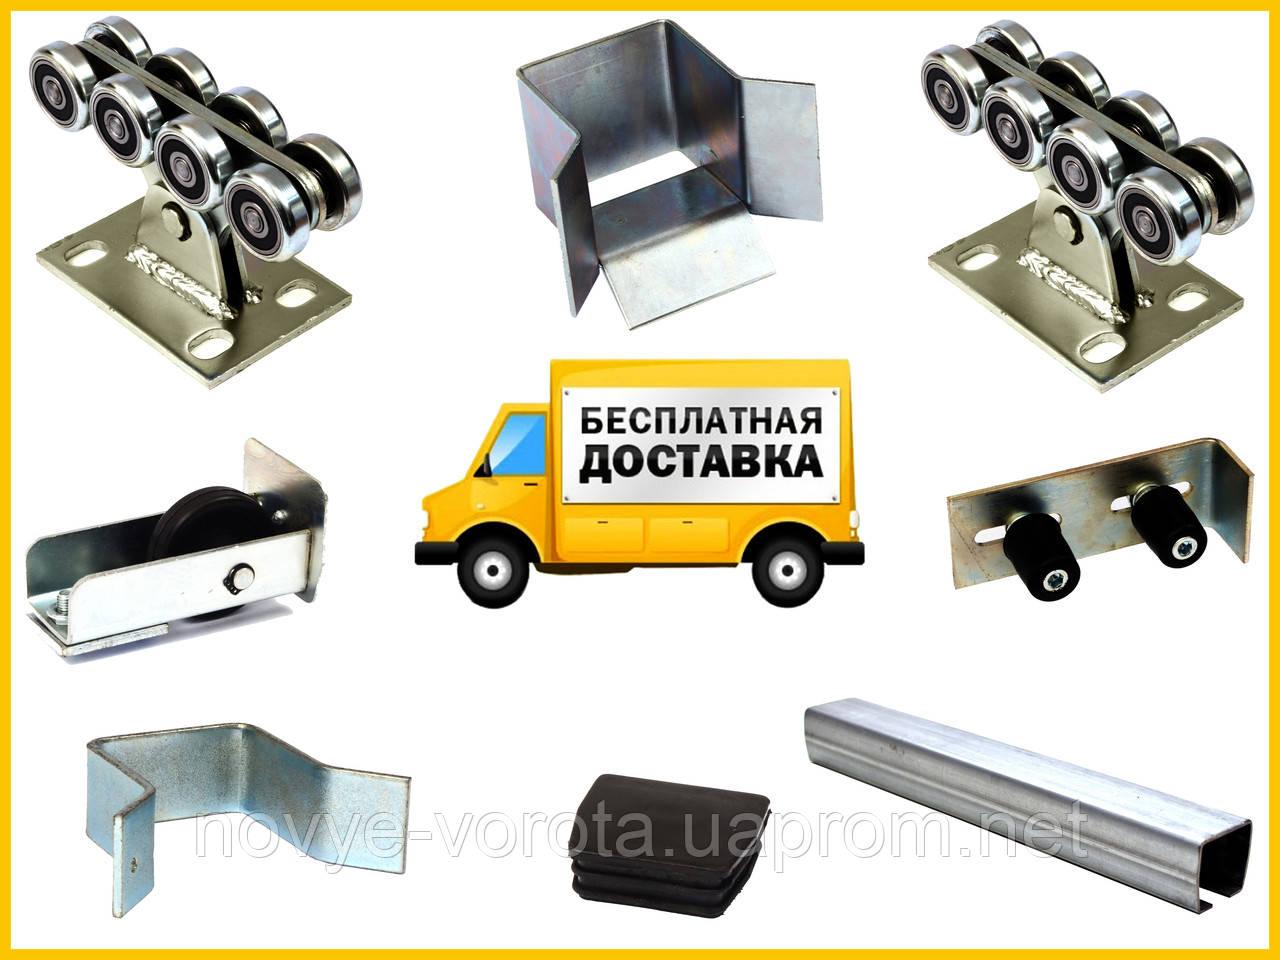 Фурнитура для откатных ворот Svit-Vorit весом до 500 кг (комплектующие, ролики) с 6 метровой направляющей